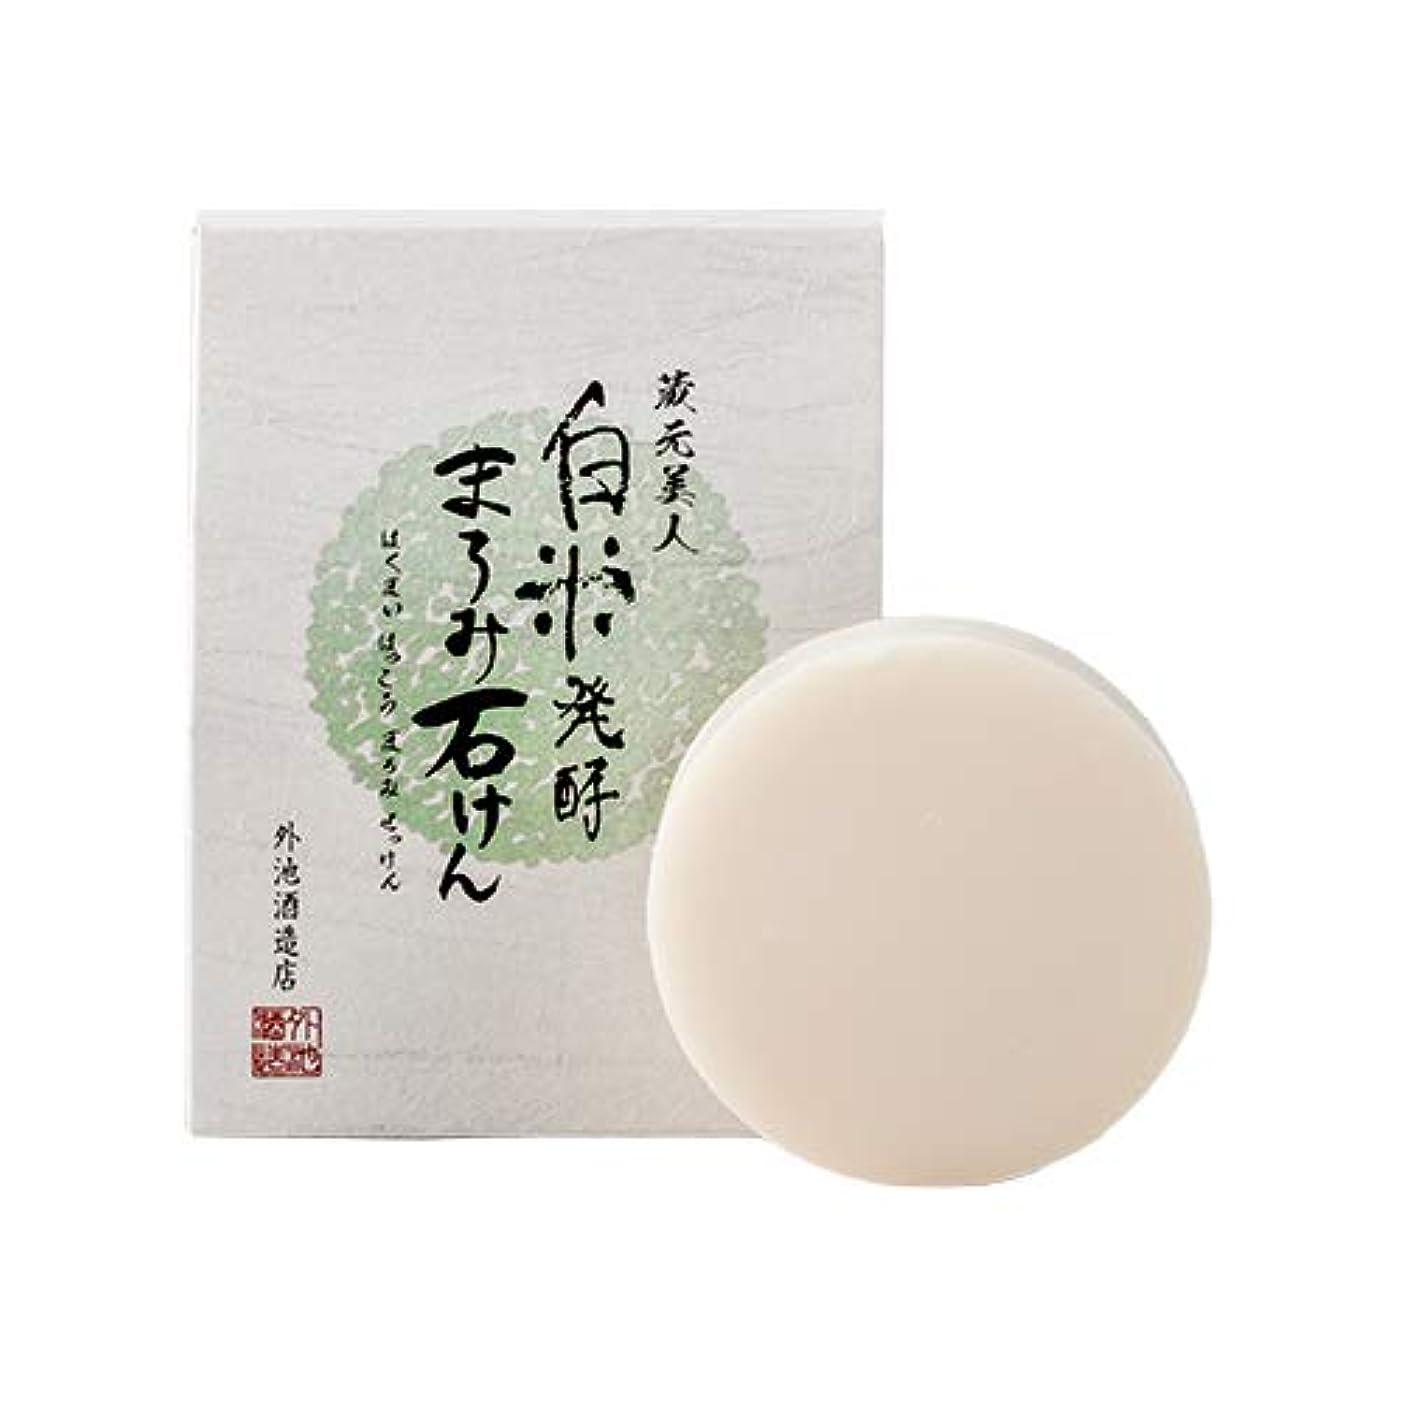 スローガン魅力的ひどい白米発酵まろみ石けん / 100g